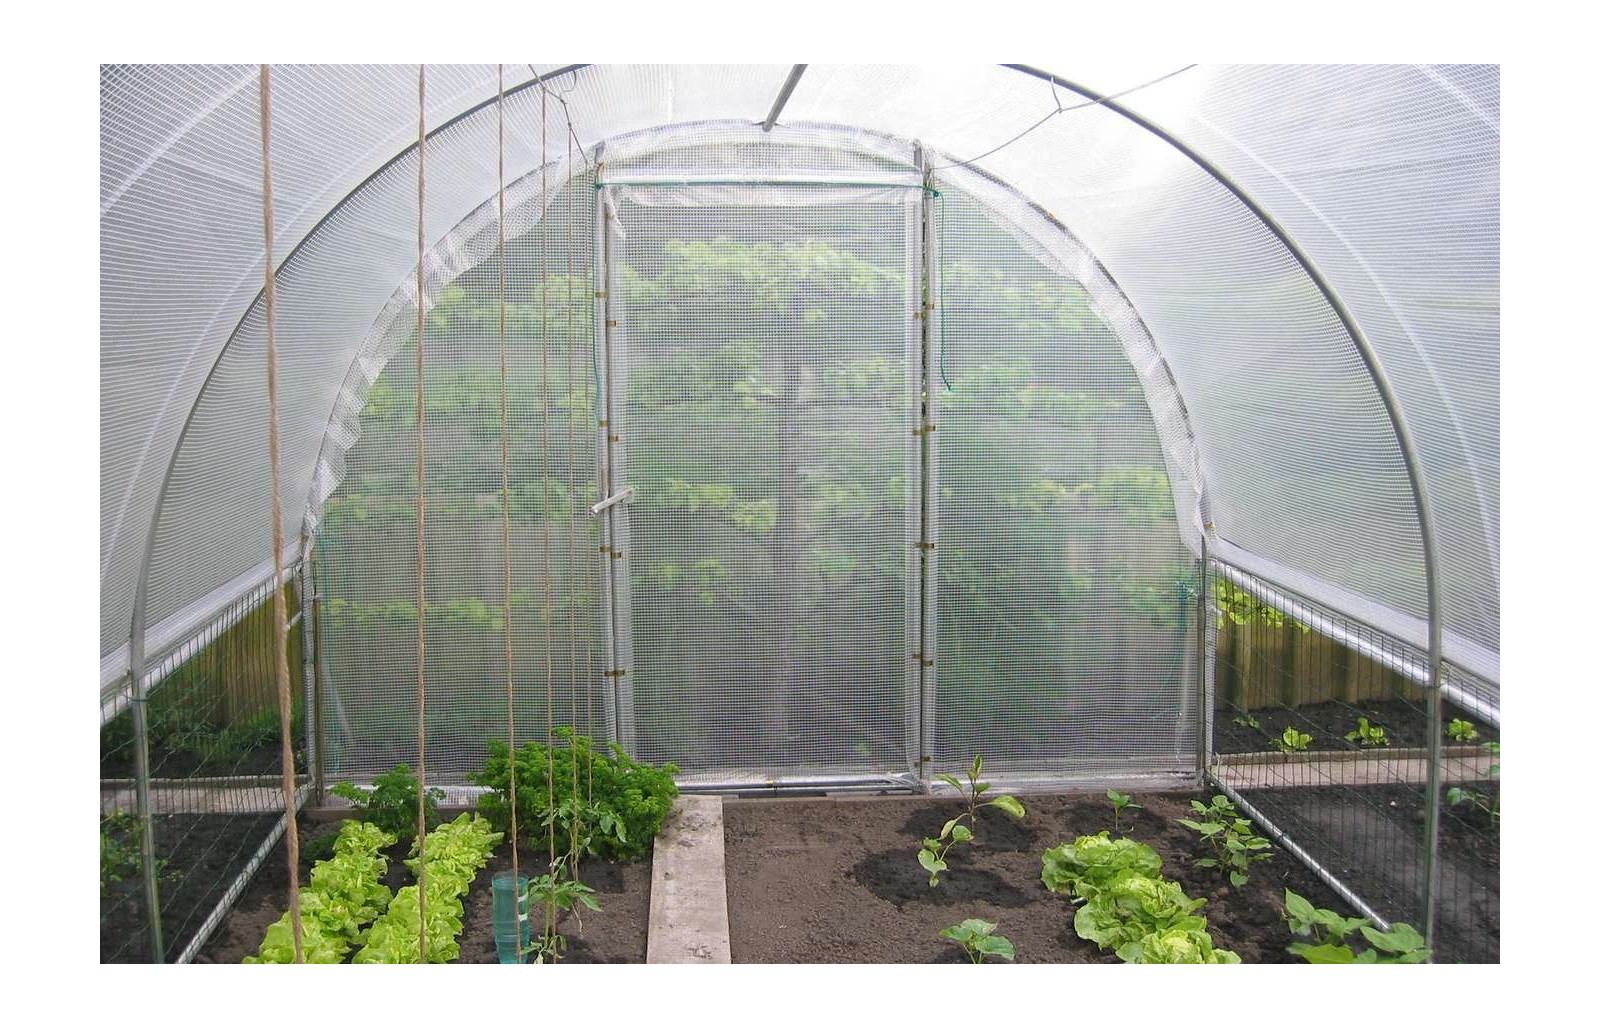 bache de toit serre jardiniere long 4m00 serres tonneau. Black Bedroom Furniture Sets. Home Design Ideas